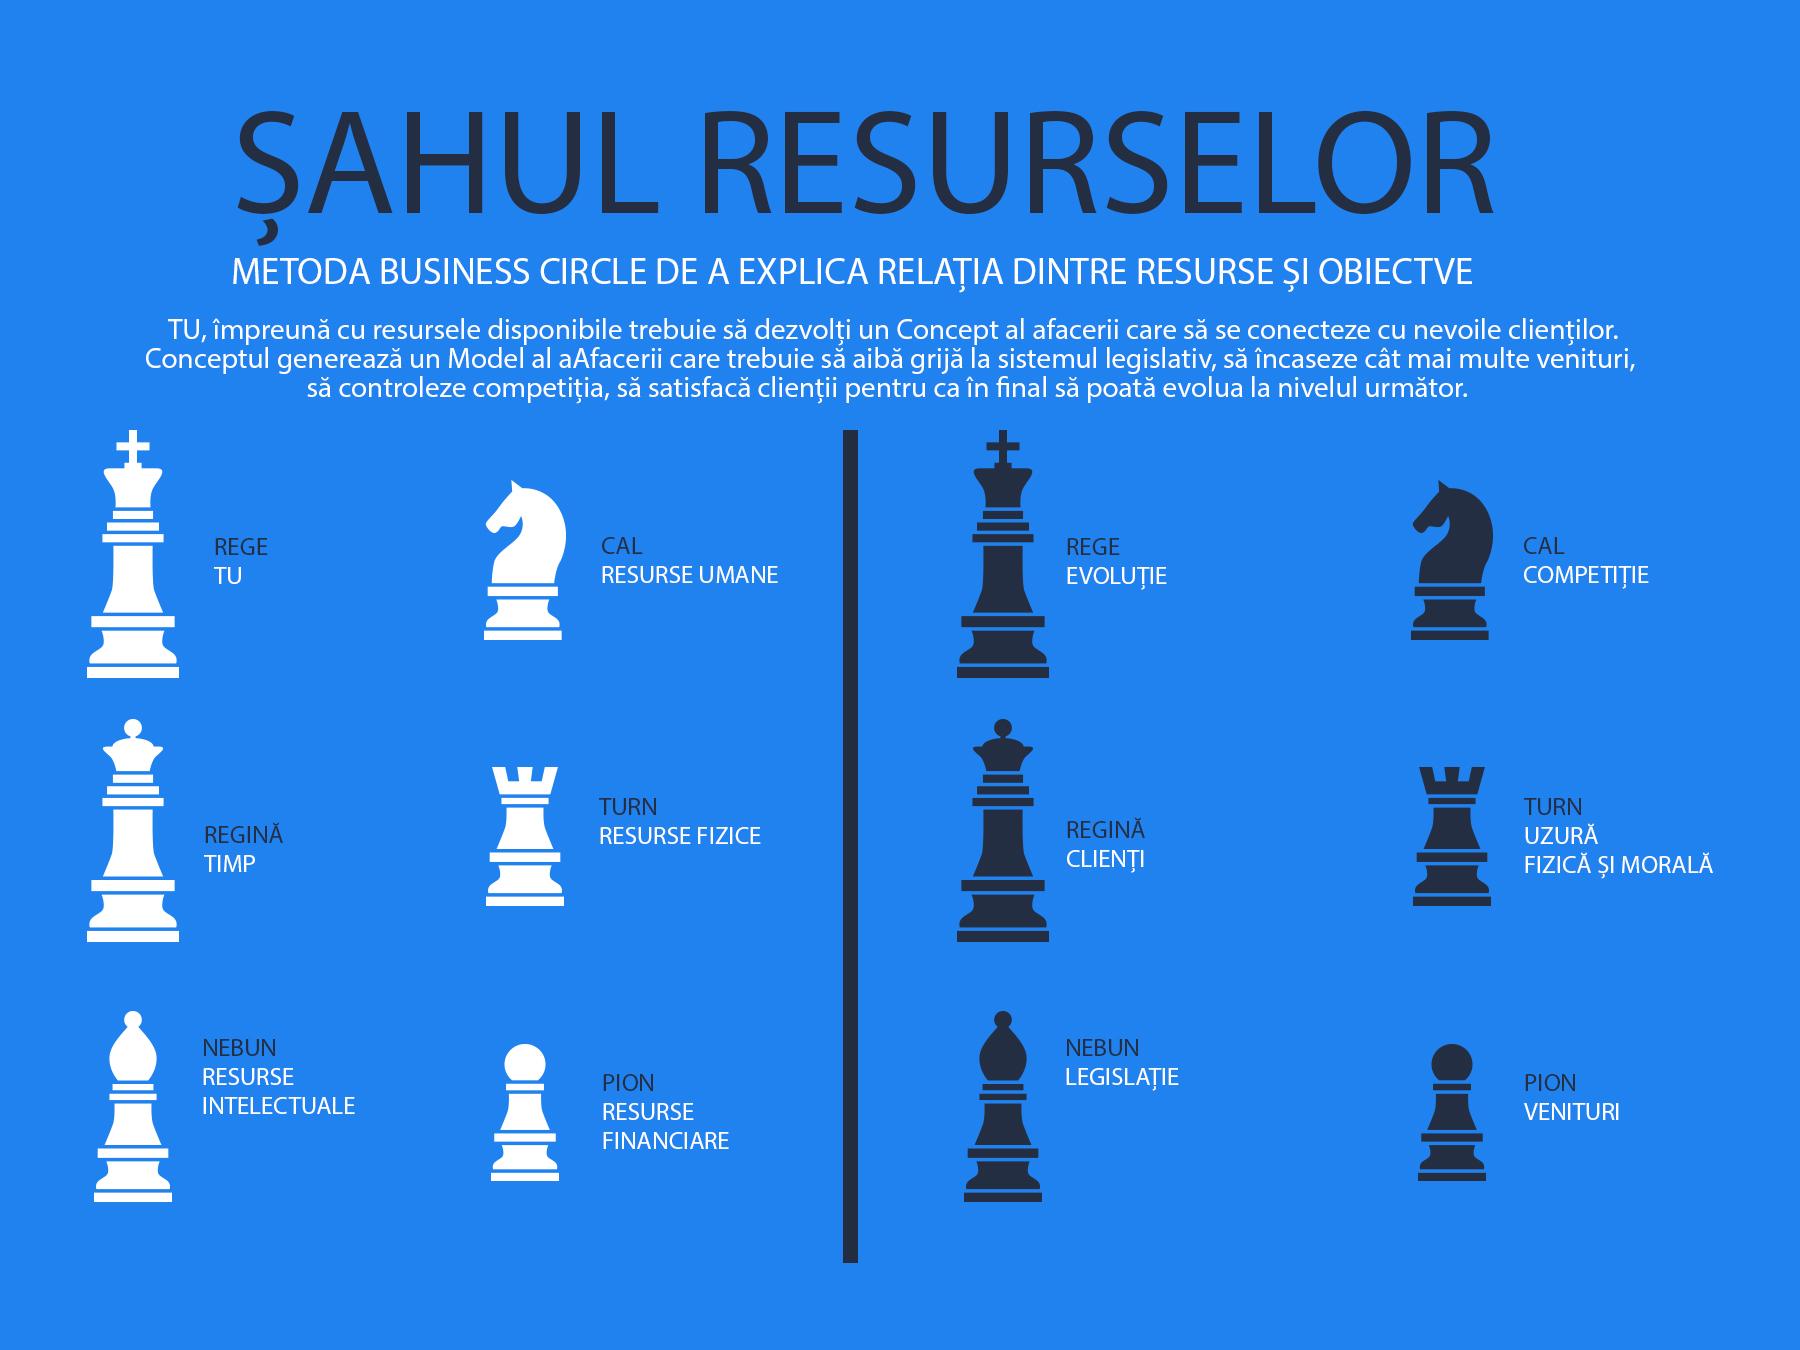 Sahul resurselor - Metoda Business Circle de a explica relația dintre Resurse și Obiective